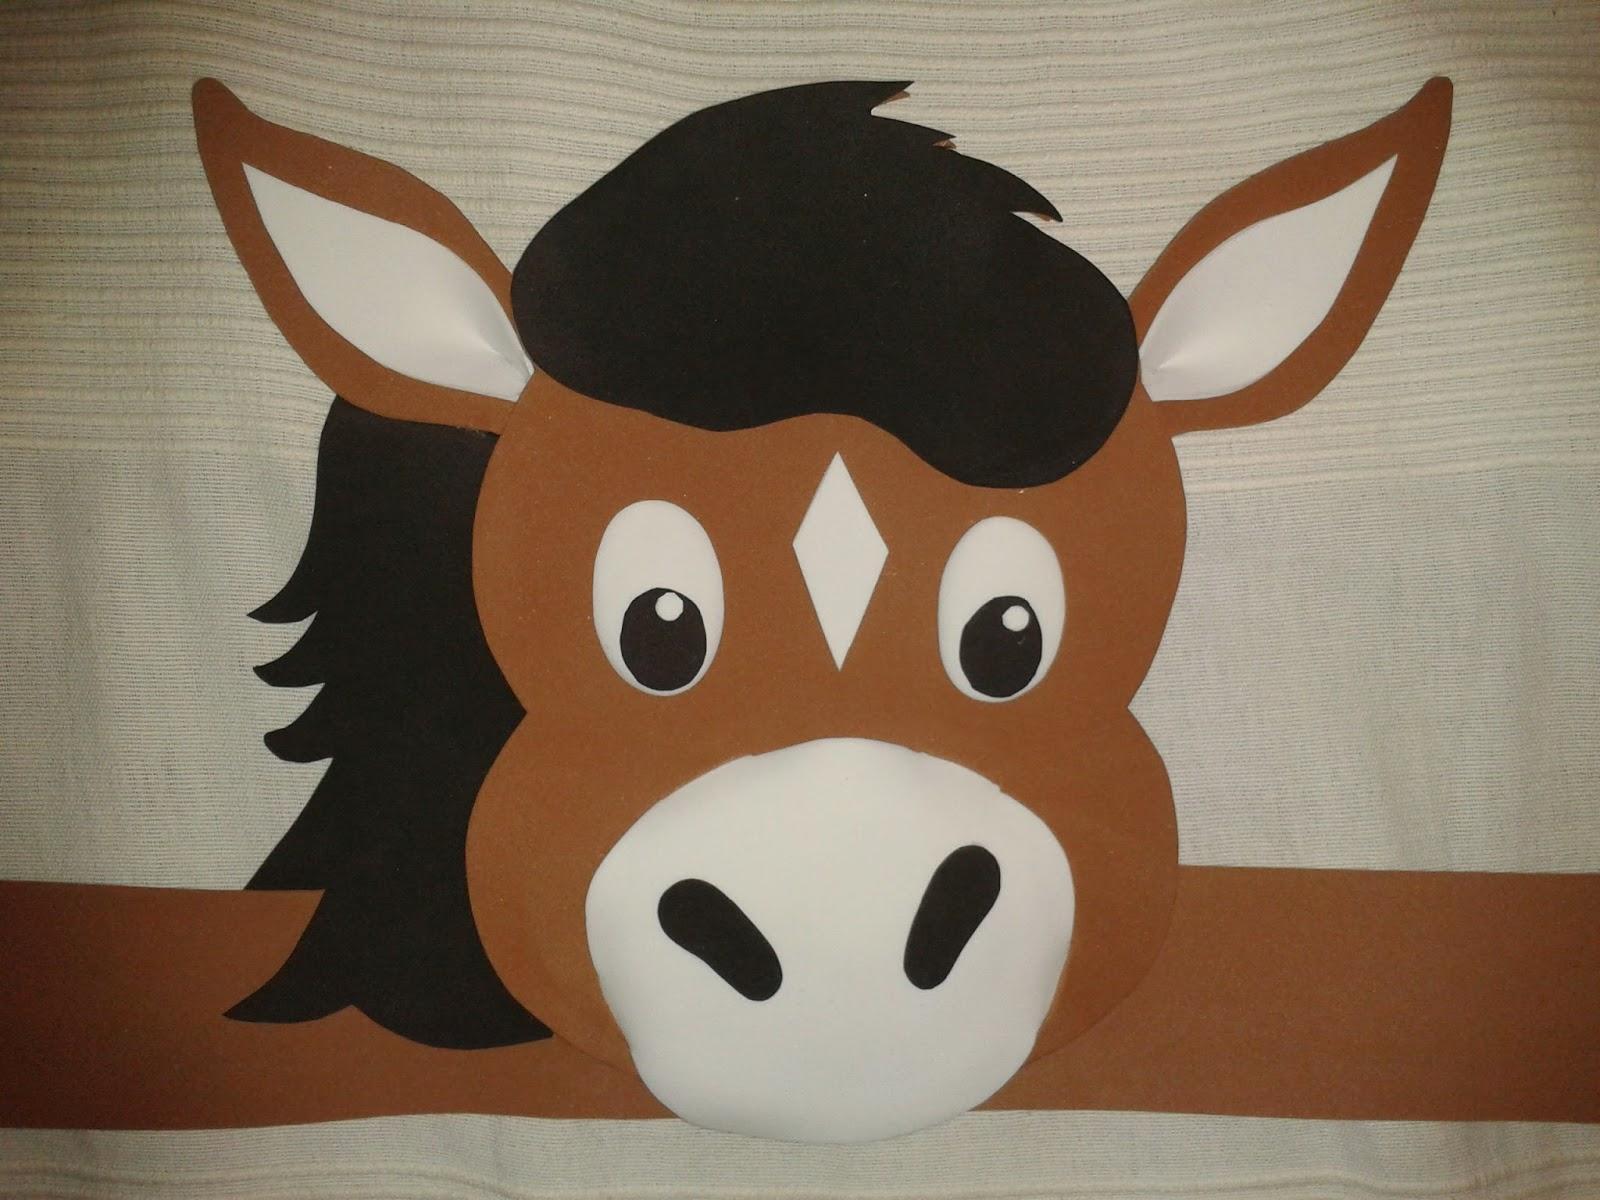 Como hacer una mascara de caballo en foami imagui - Manualidades de caballos para ninos ...